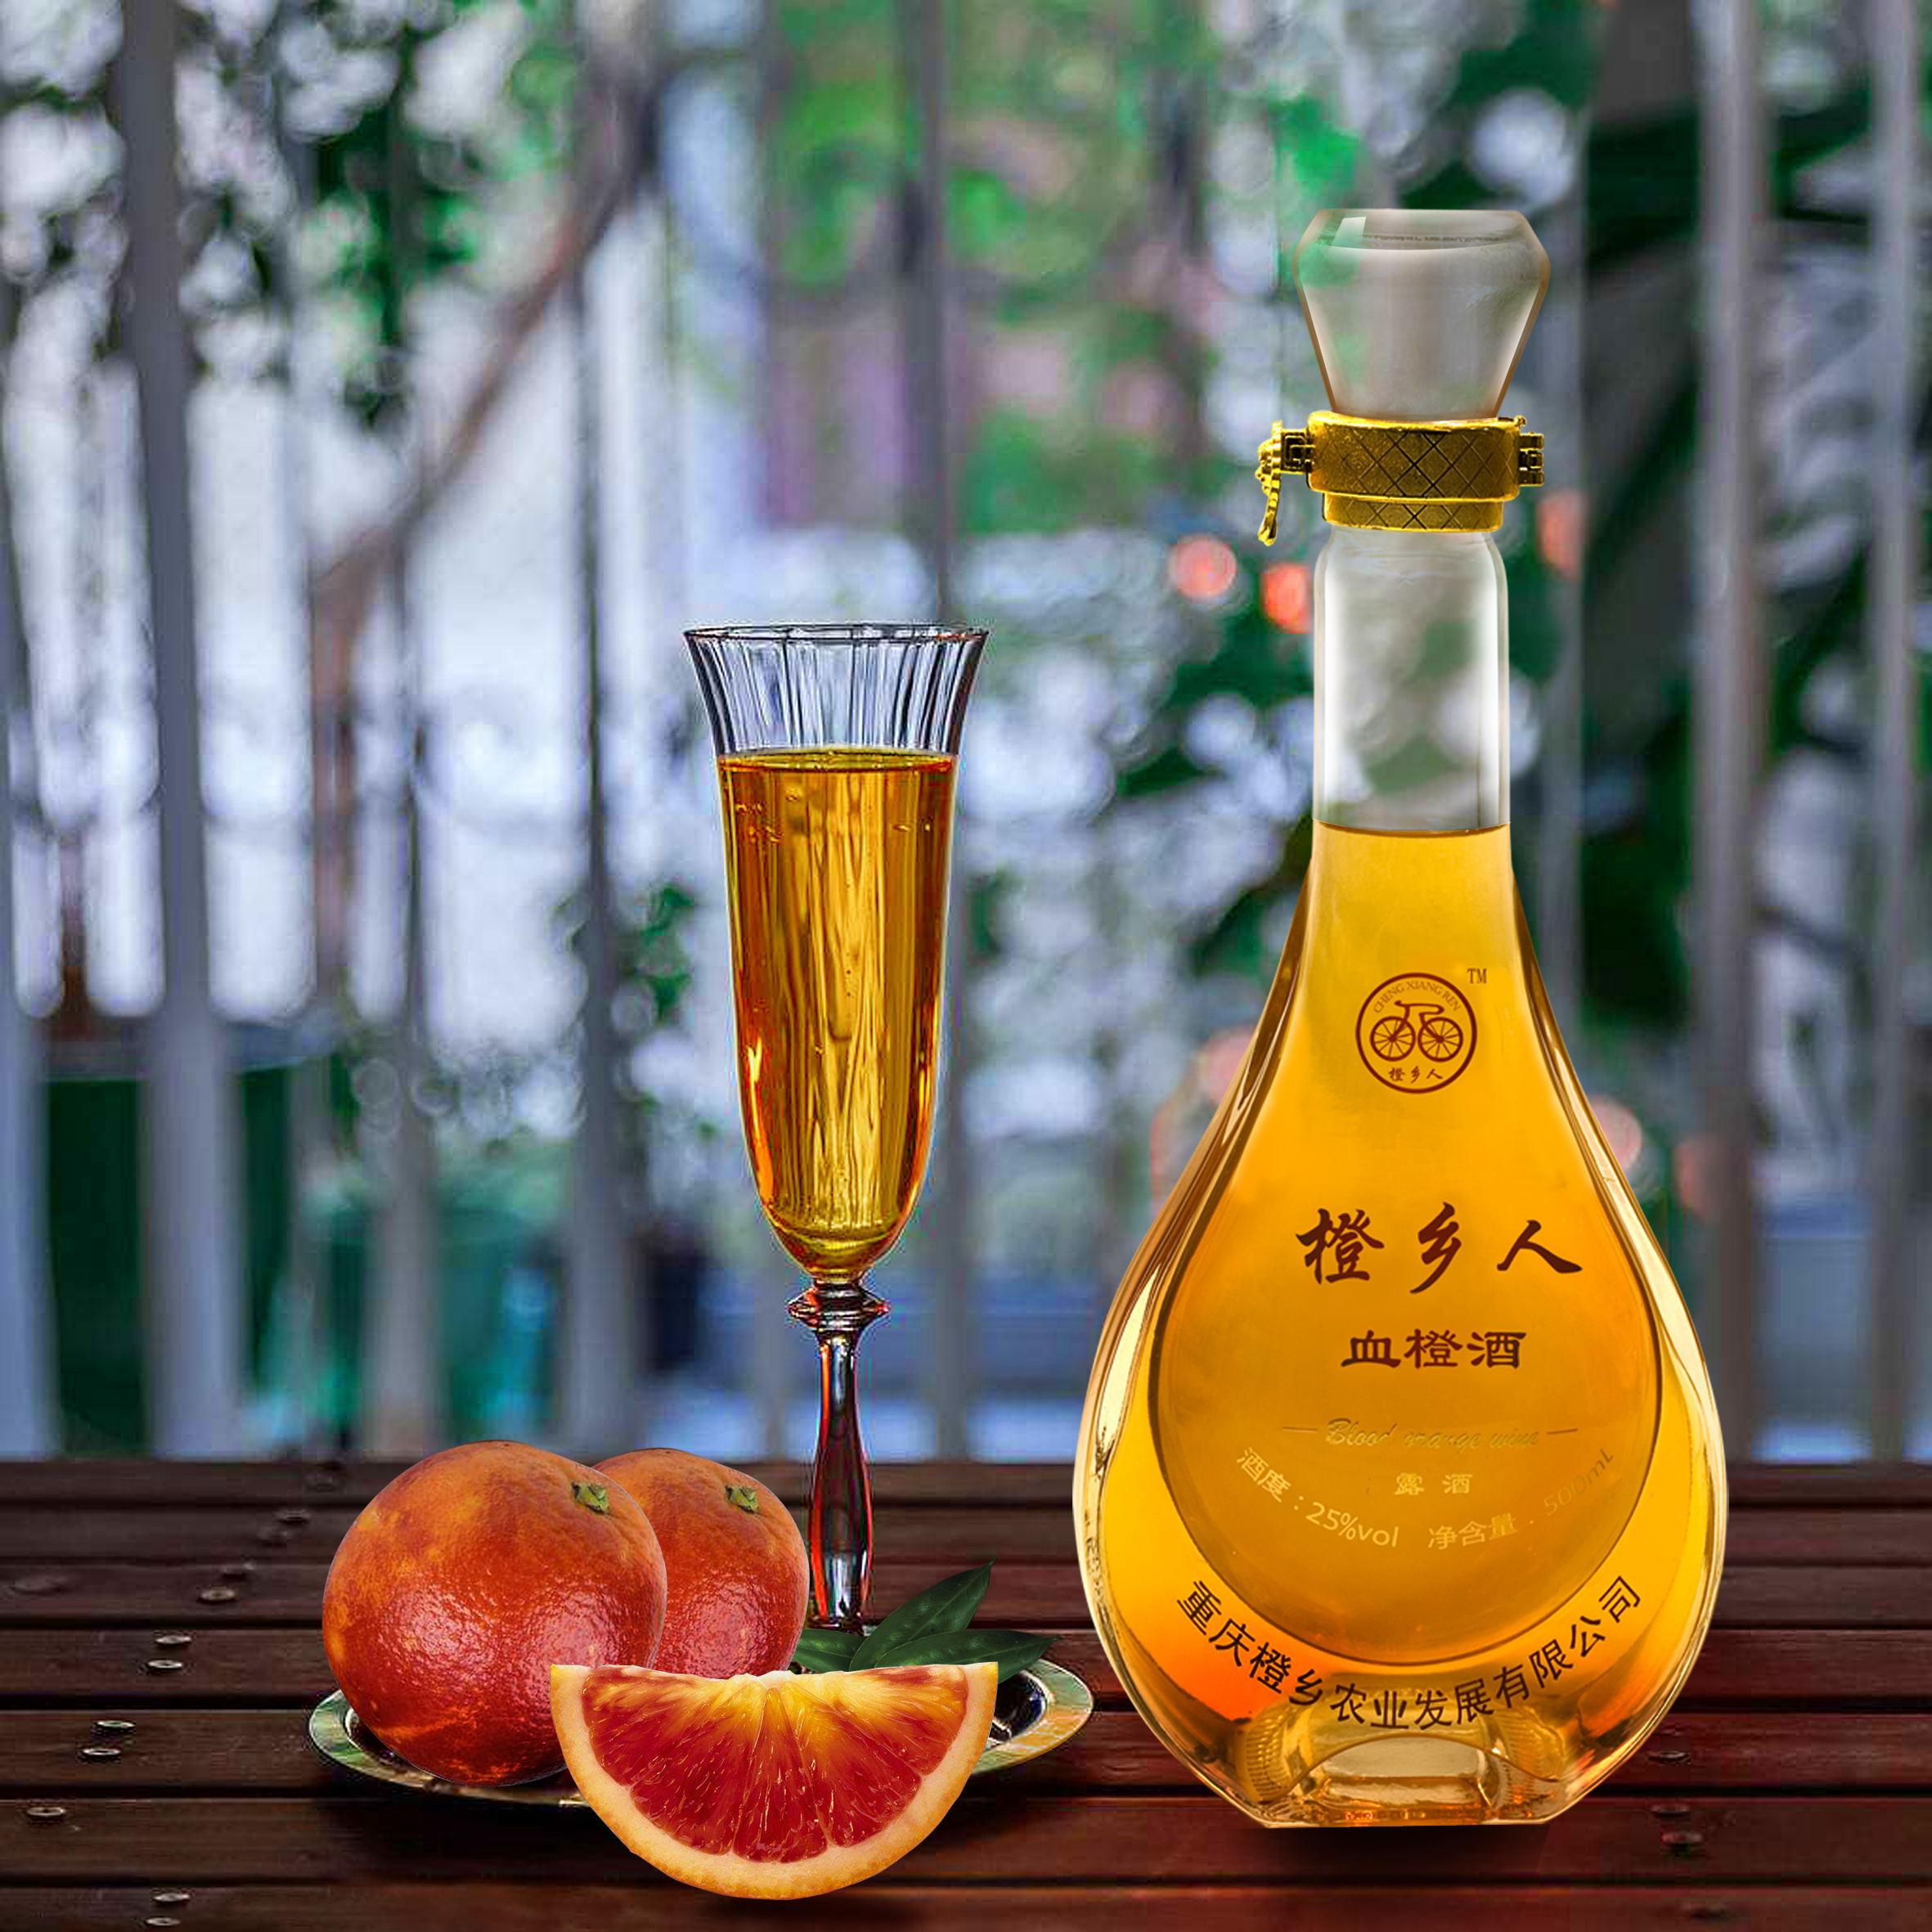 橙乡人血橙酒 果酒 25%低度数 血橙美酒 露酒  血橙露酒 北纬29° 橙乡人血橙酒 500ml